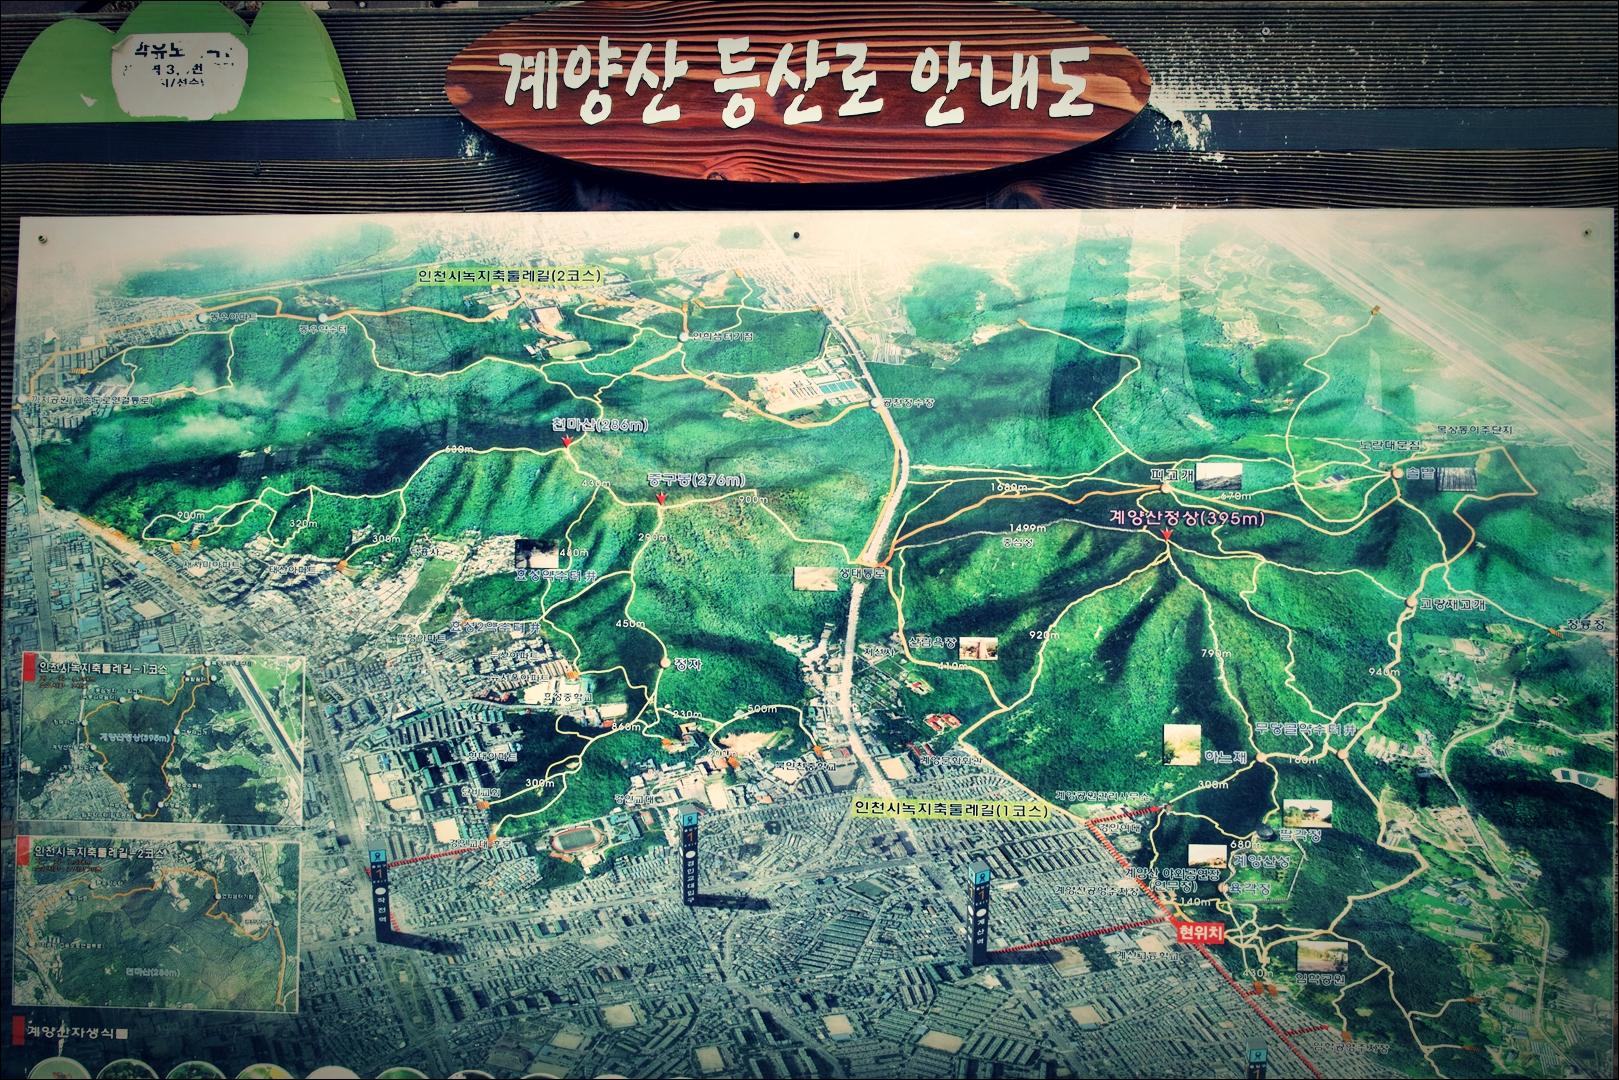 등산로 안내도-'인천 계양산'